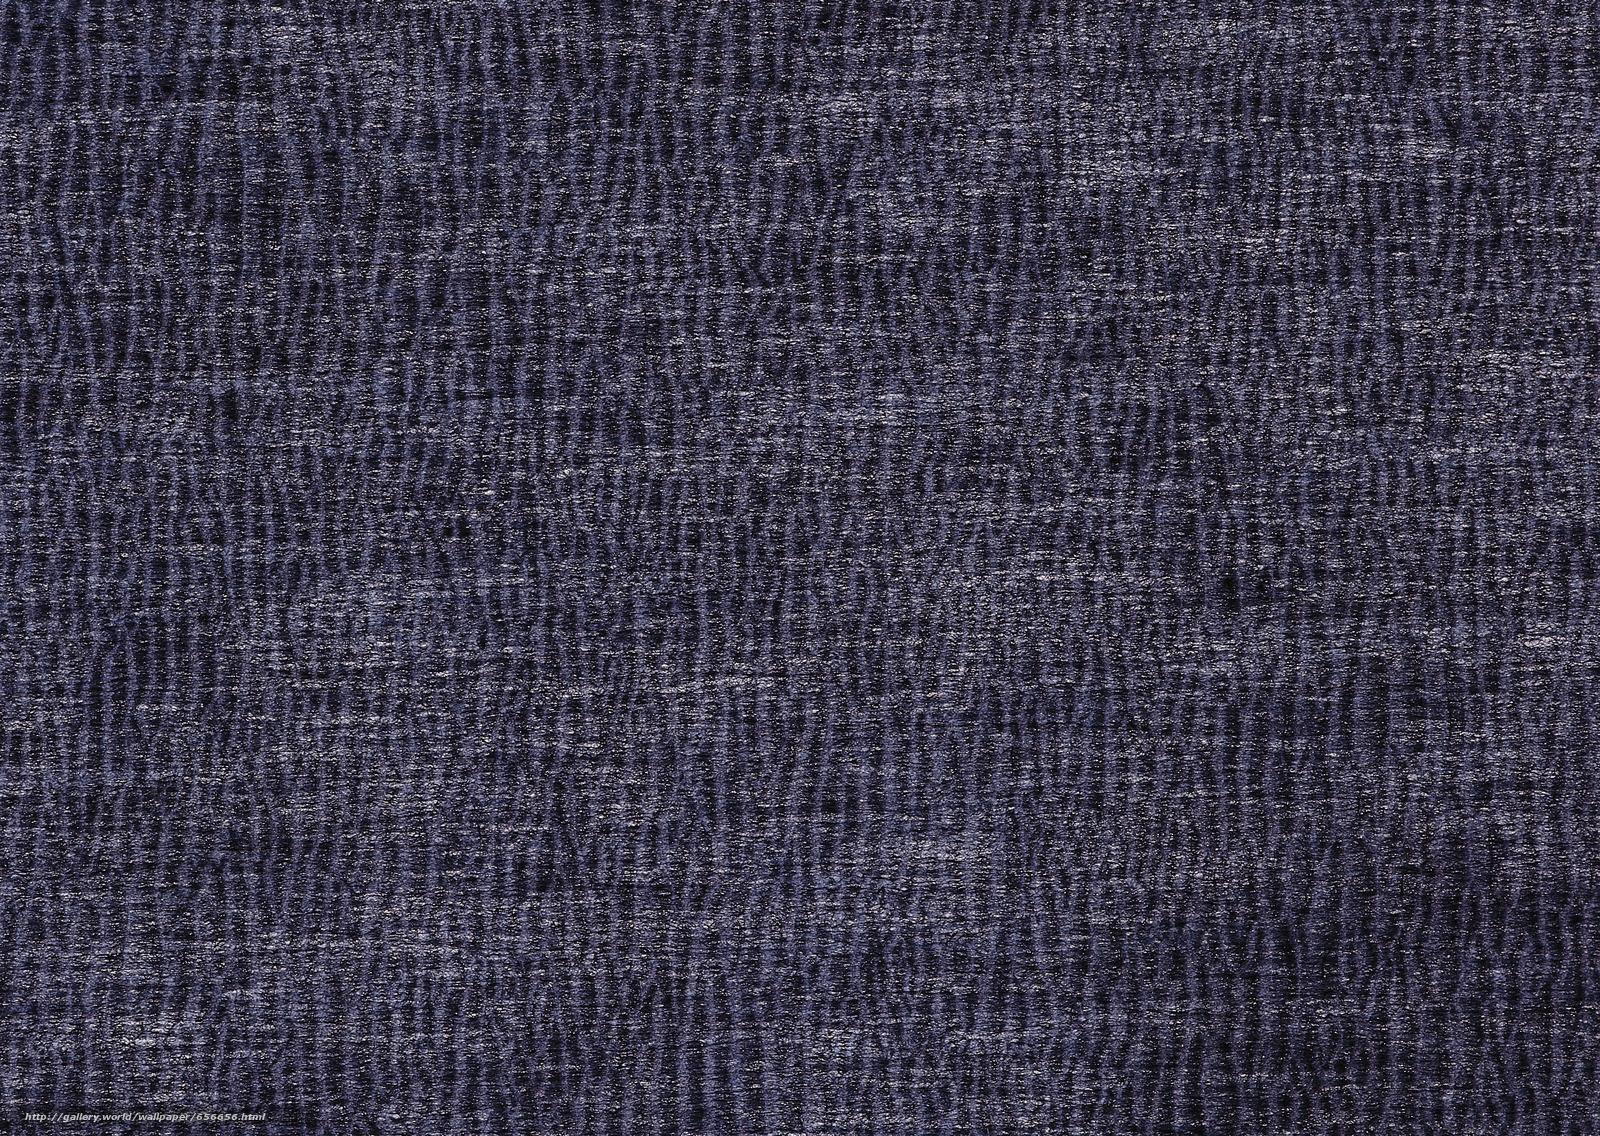 Скачать обои текстура,  текстуры,  фон,  фоны бесплатно для рабочего стола в разрешении 2950x2094 — картинка №656656